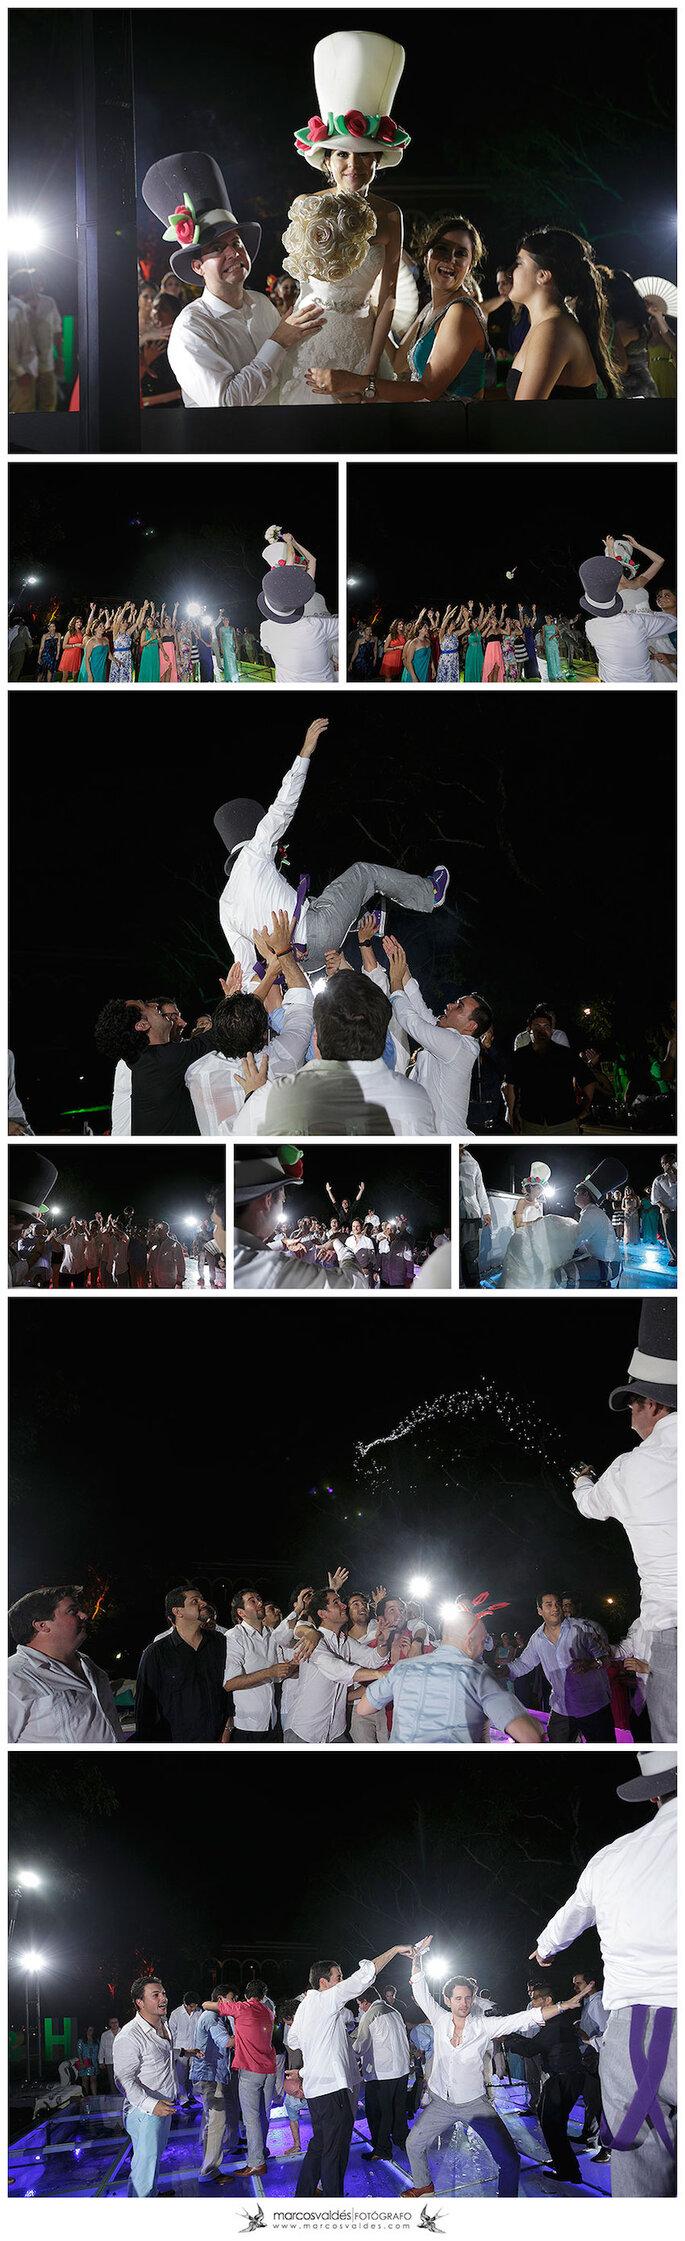 La boda de Eli y Héctor en Hacienda Temozón - Foto Marcos Valdés